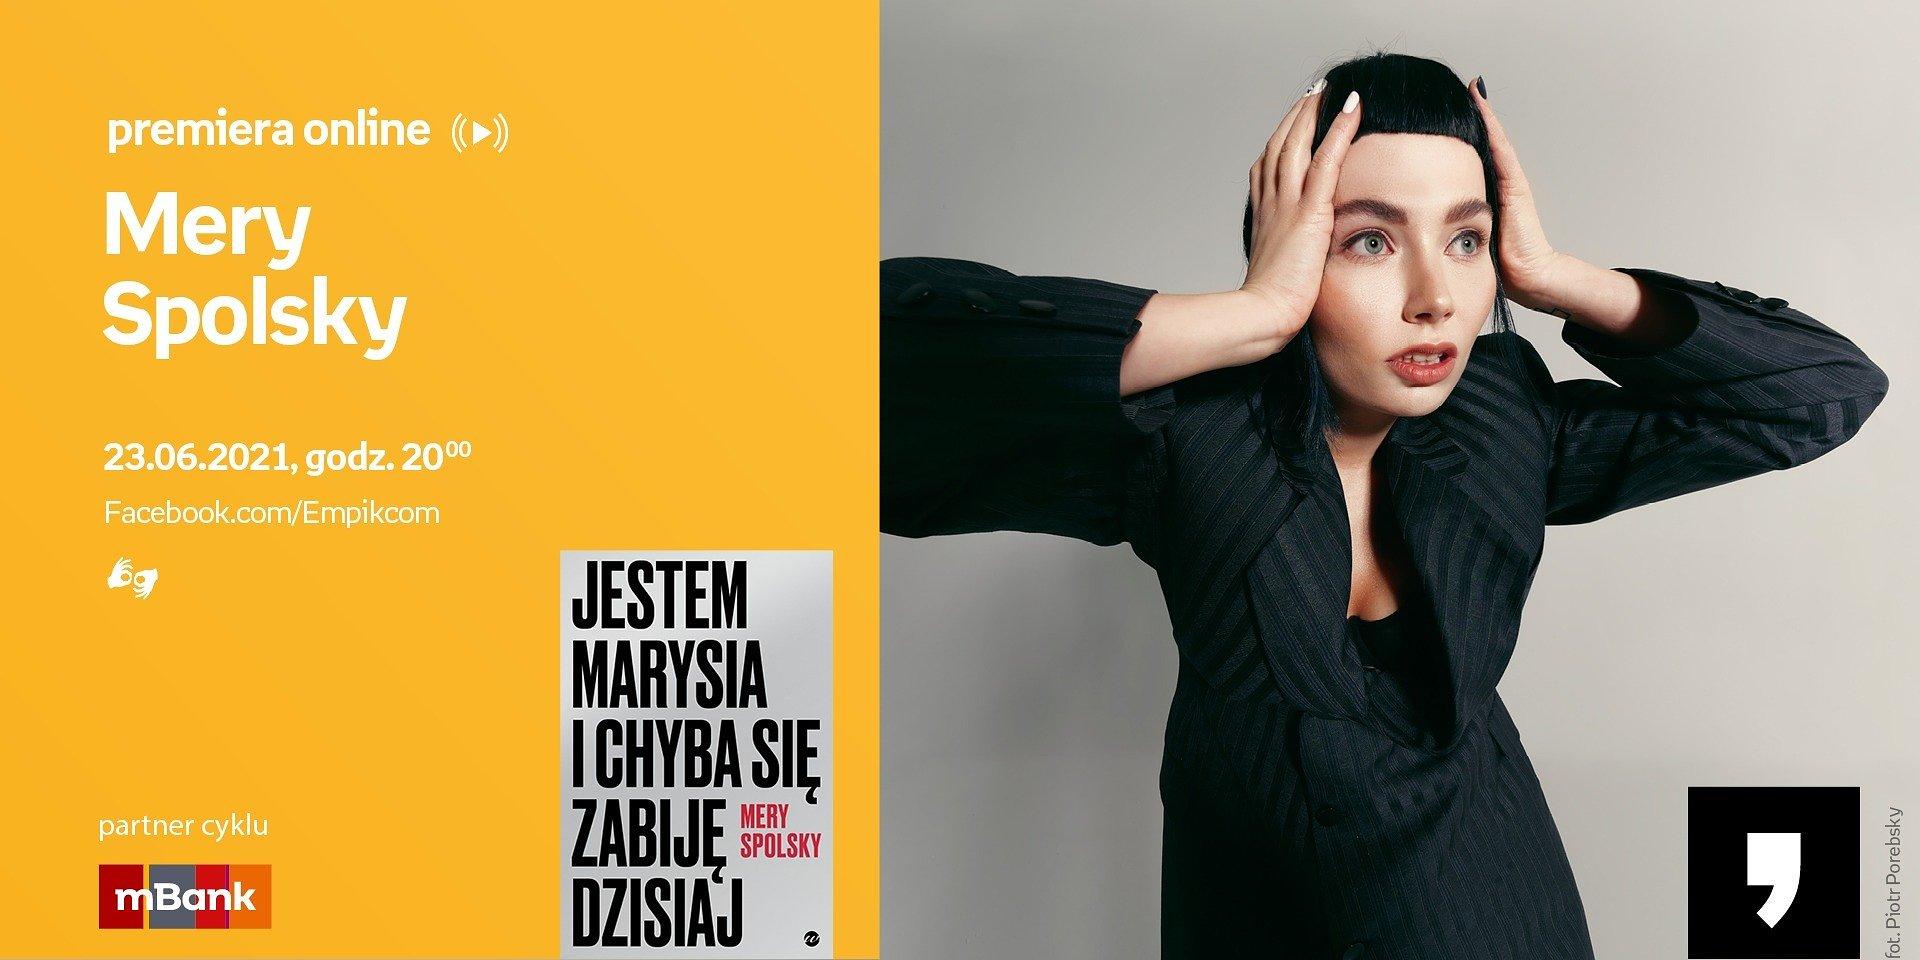 Mery Spolsky, Samantha Shannon, Michał Szczygieł – spotkania online wokół najciekawszych kulturalnych premier